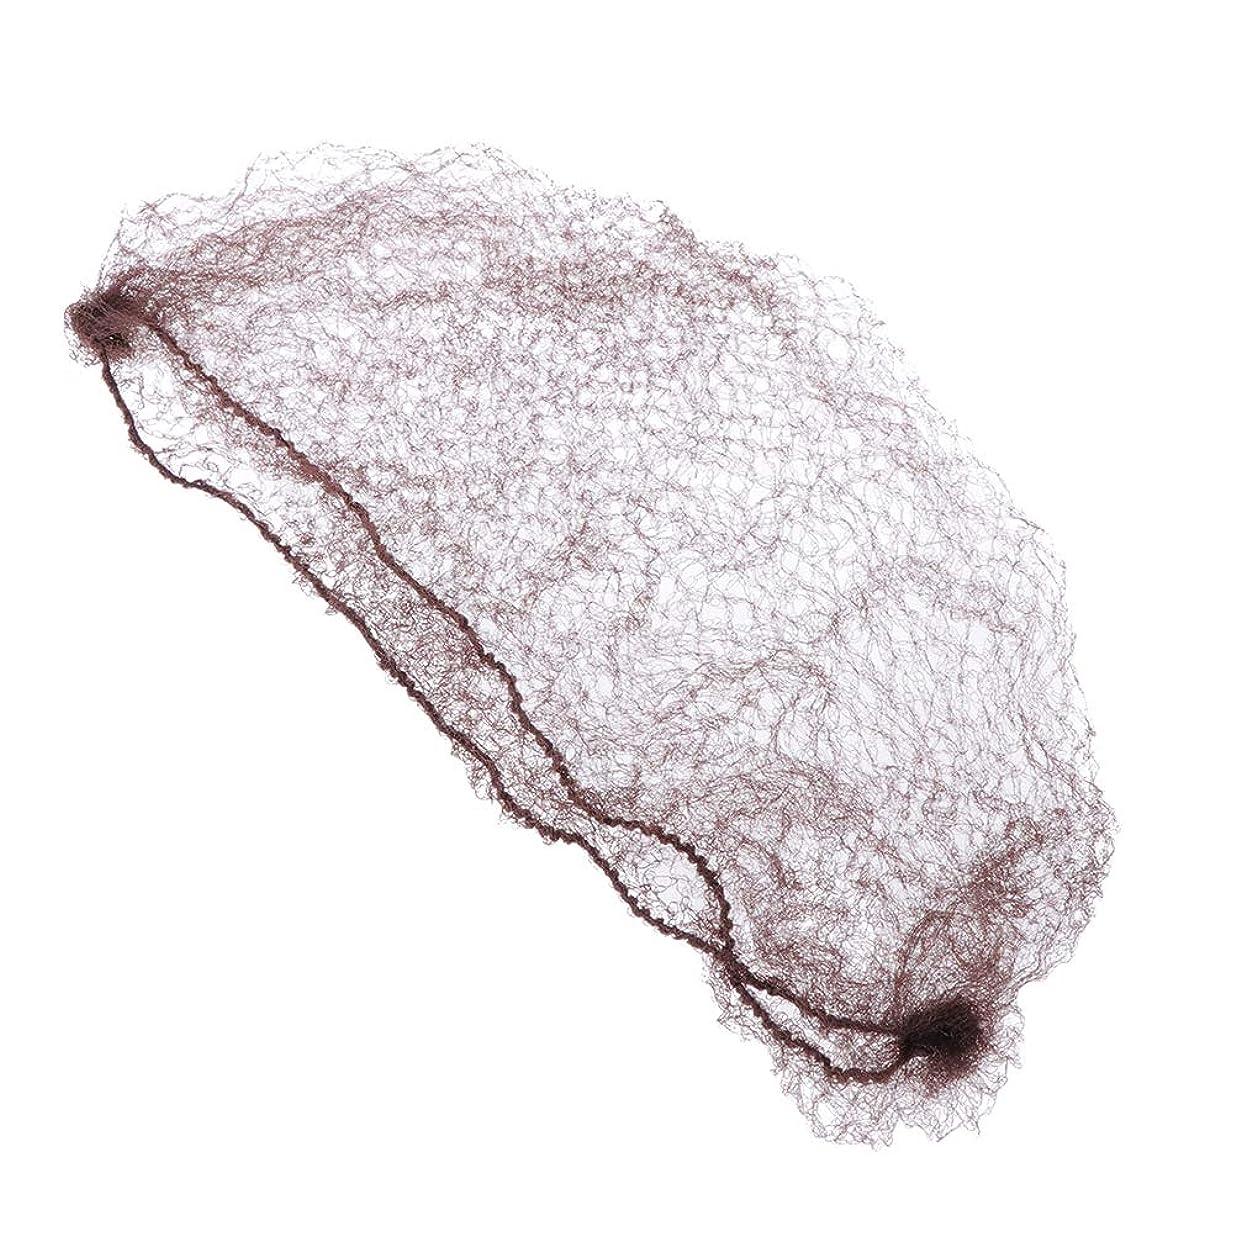 市民権存在する依存するSUPVOX かつらと髪を固定するコーヒーのための100個の目に見えない髪ネット弾性エッジメッシュ